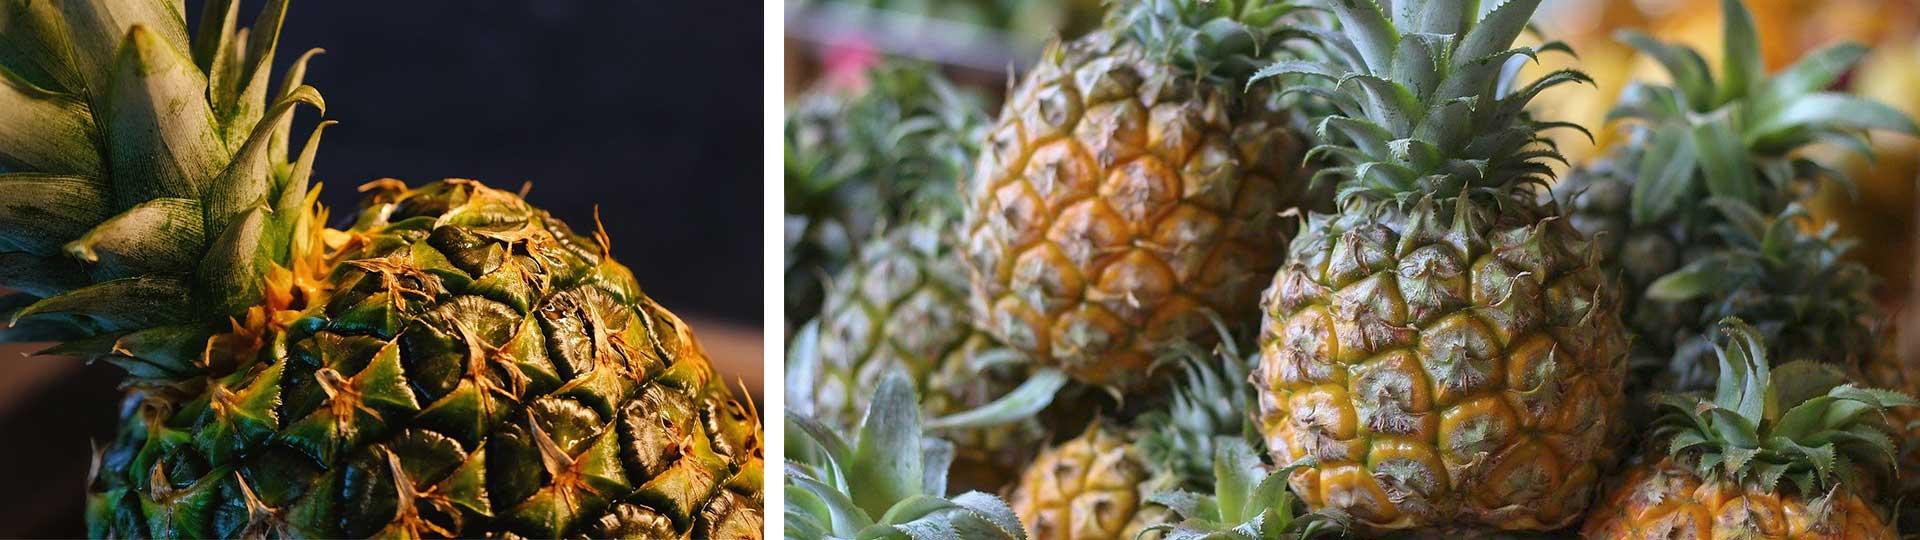 Колаж от две изображения с ананаси